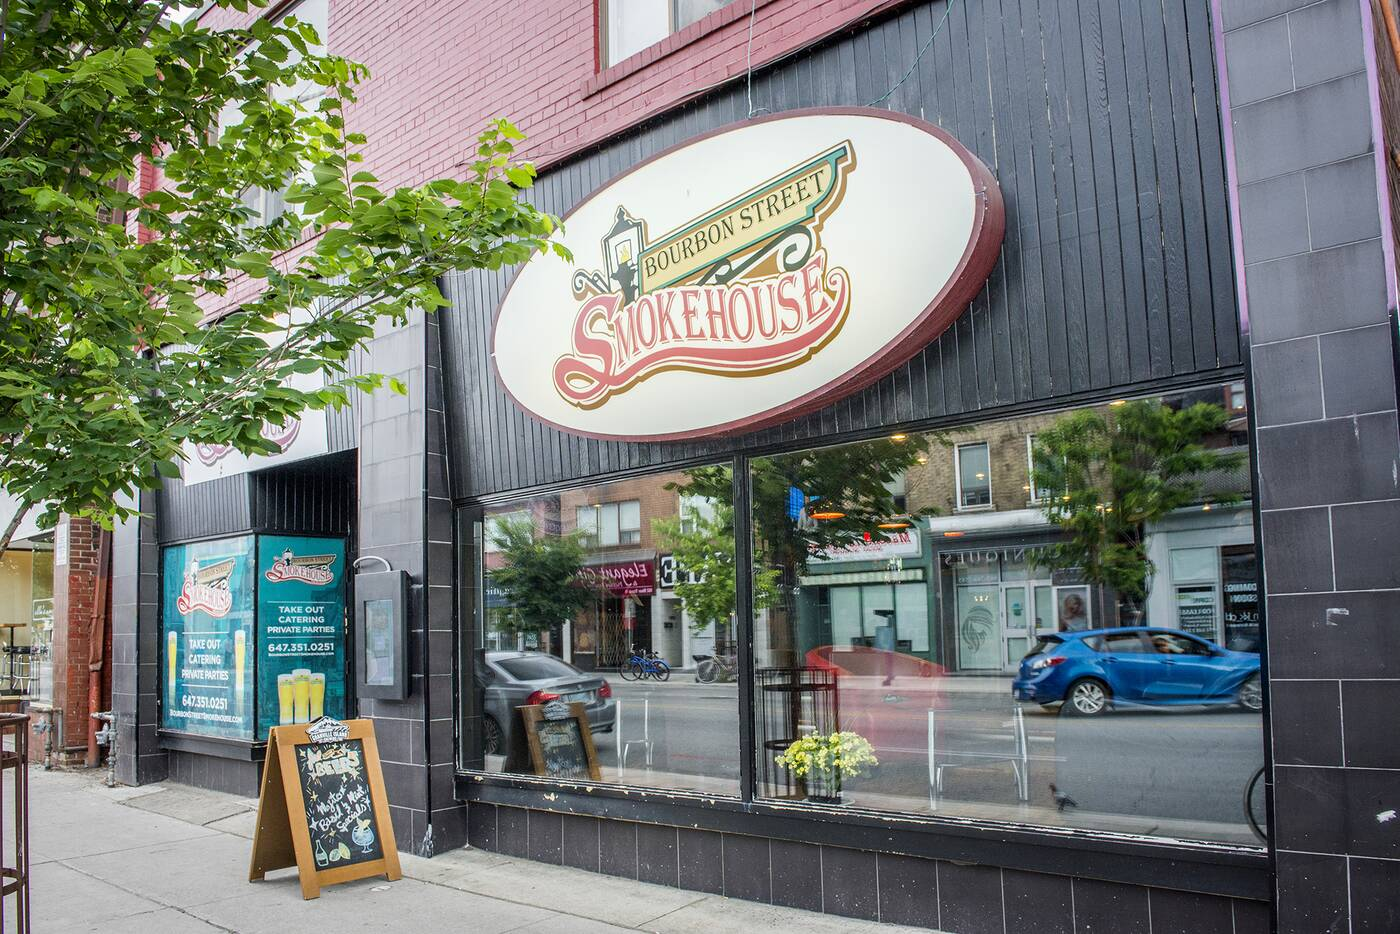 Bourbon Street Smokehouse Toronto